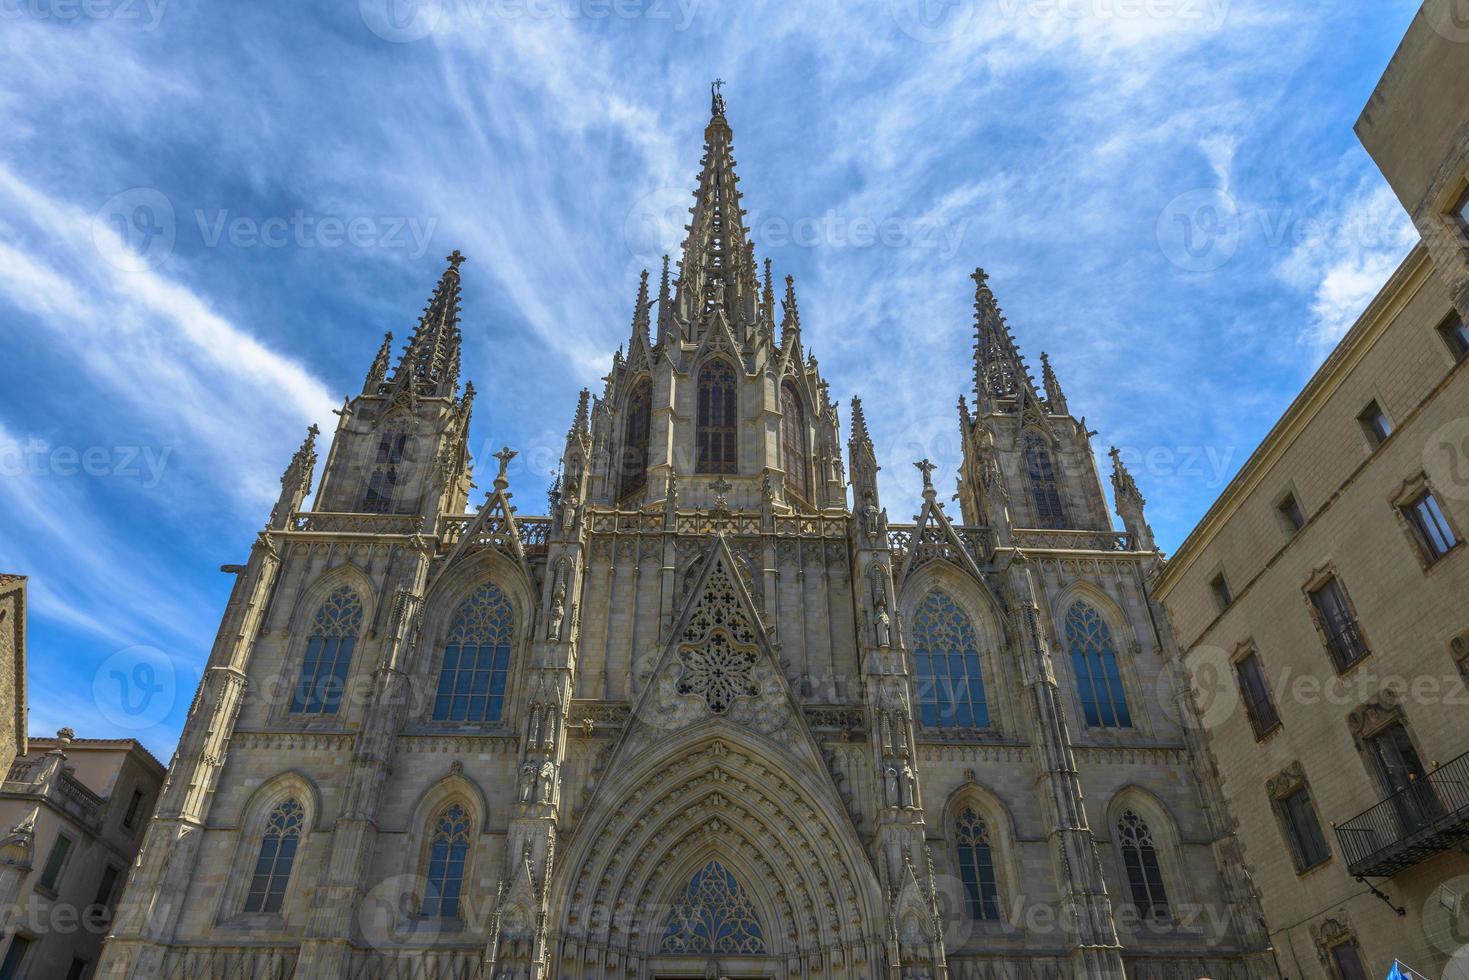 catedral en barcelona, españa foto